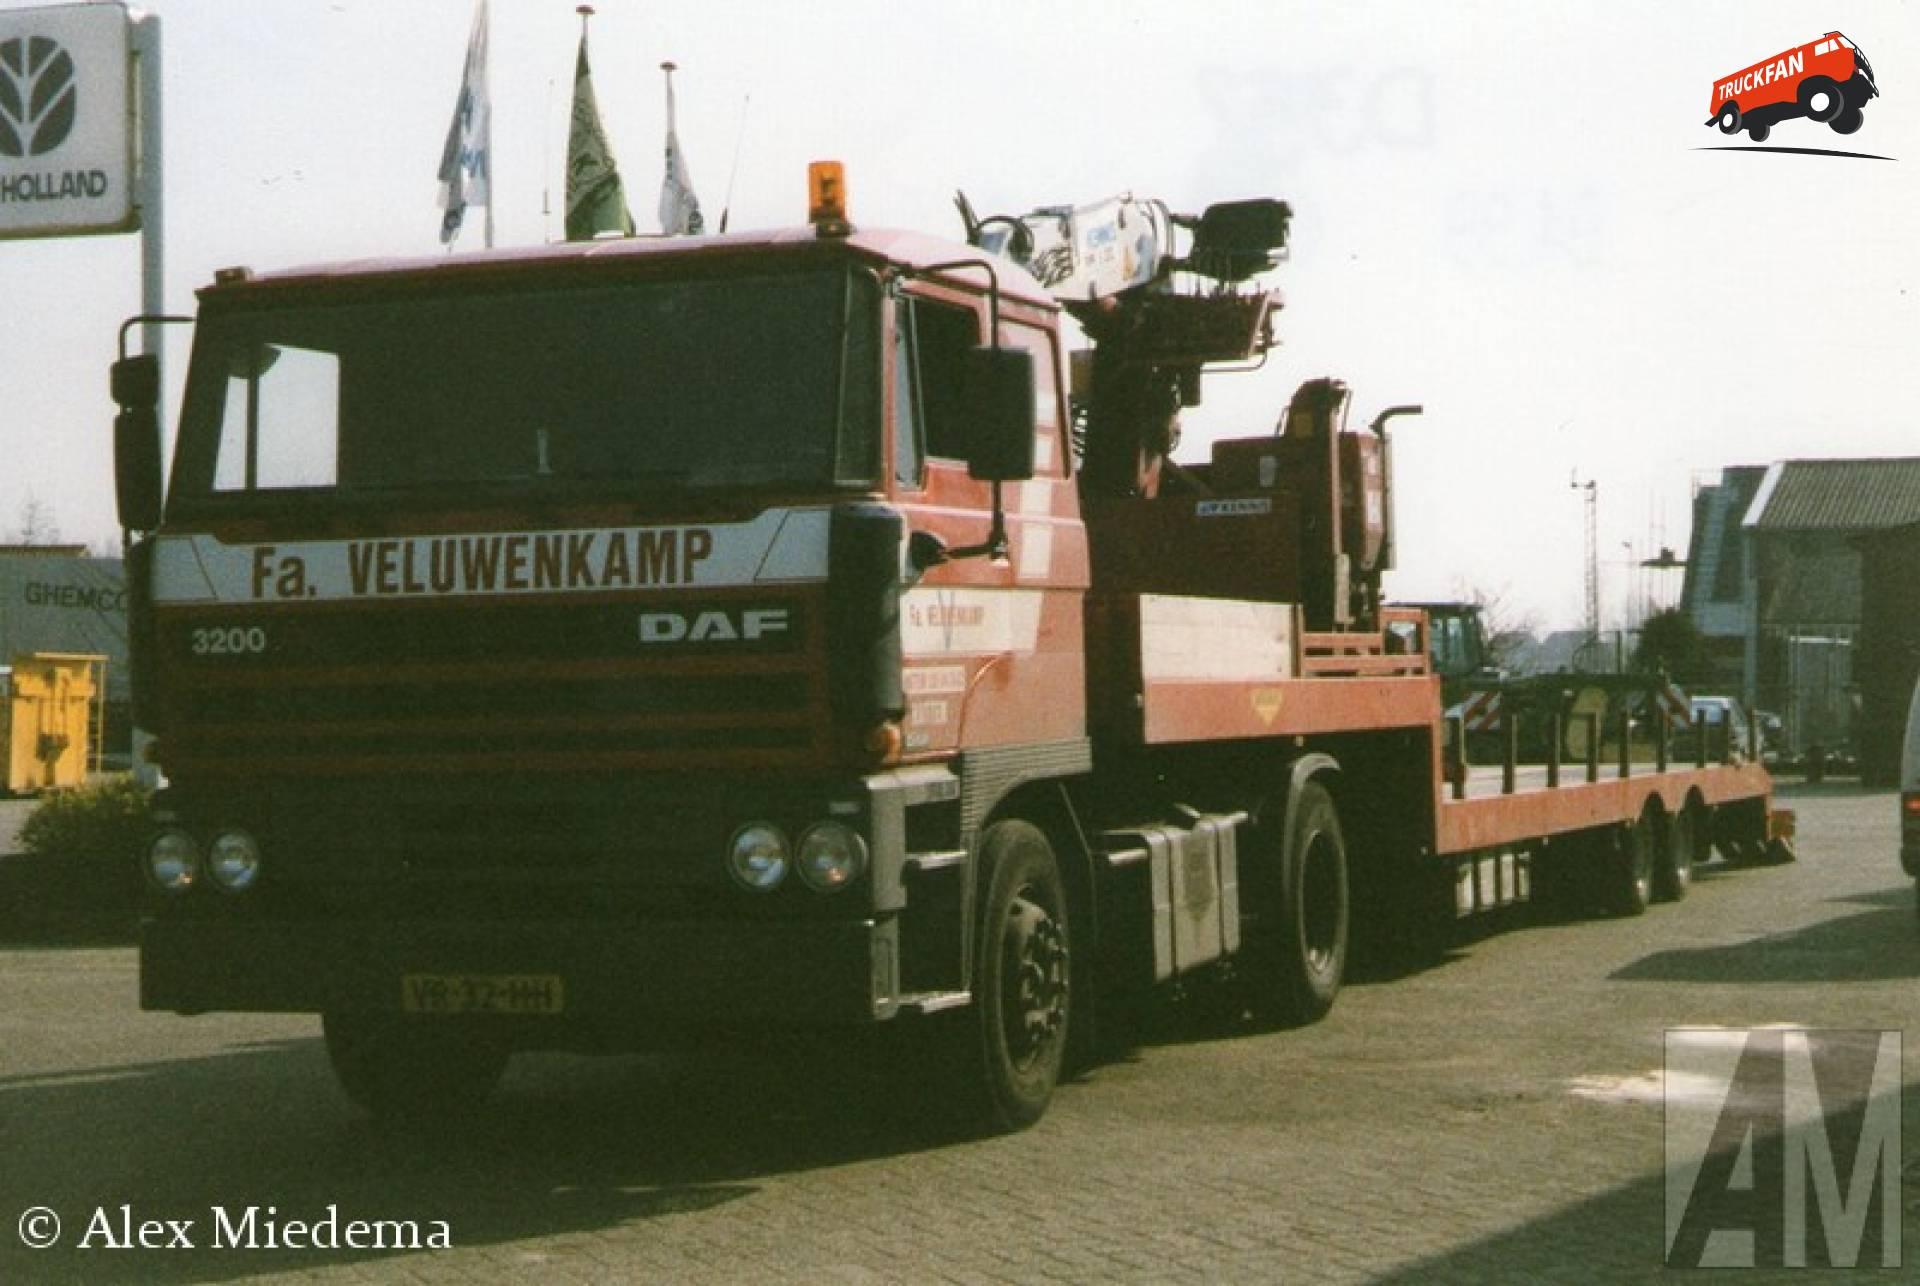 DAF 3200